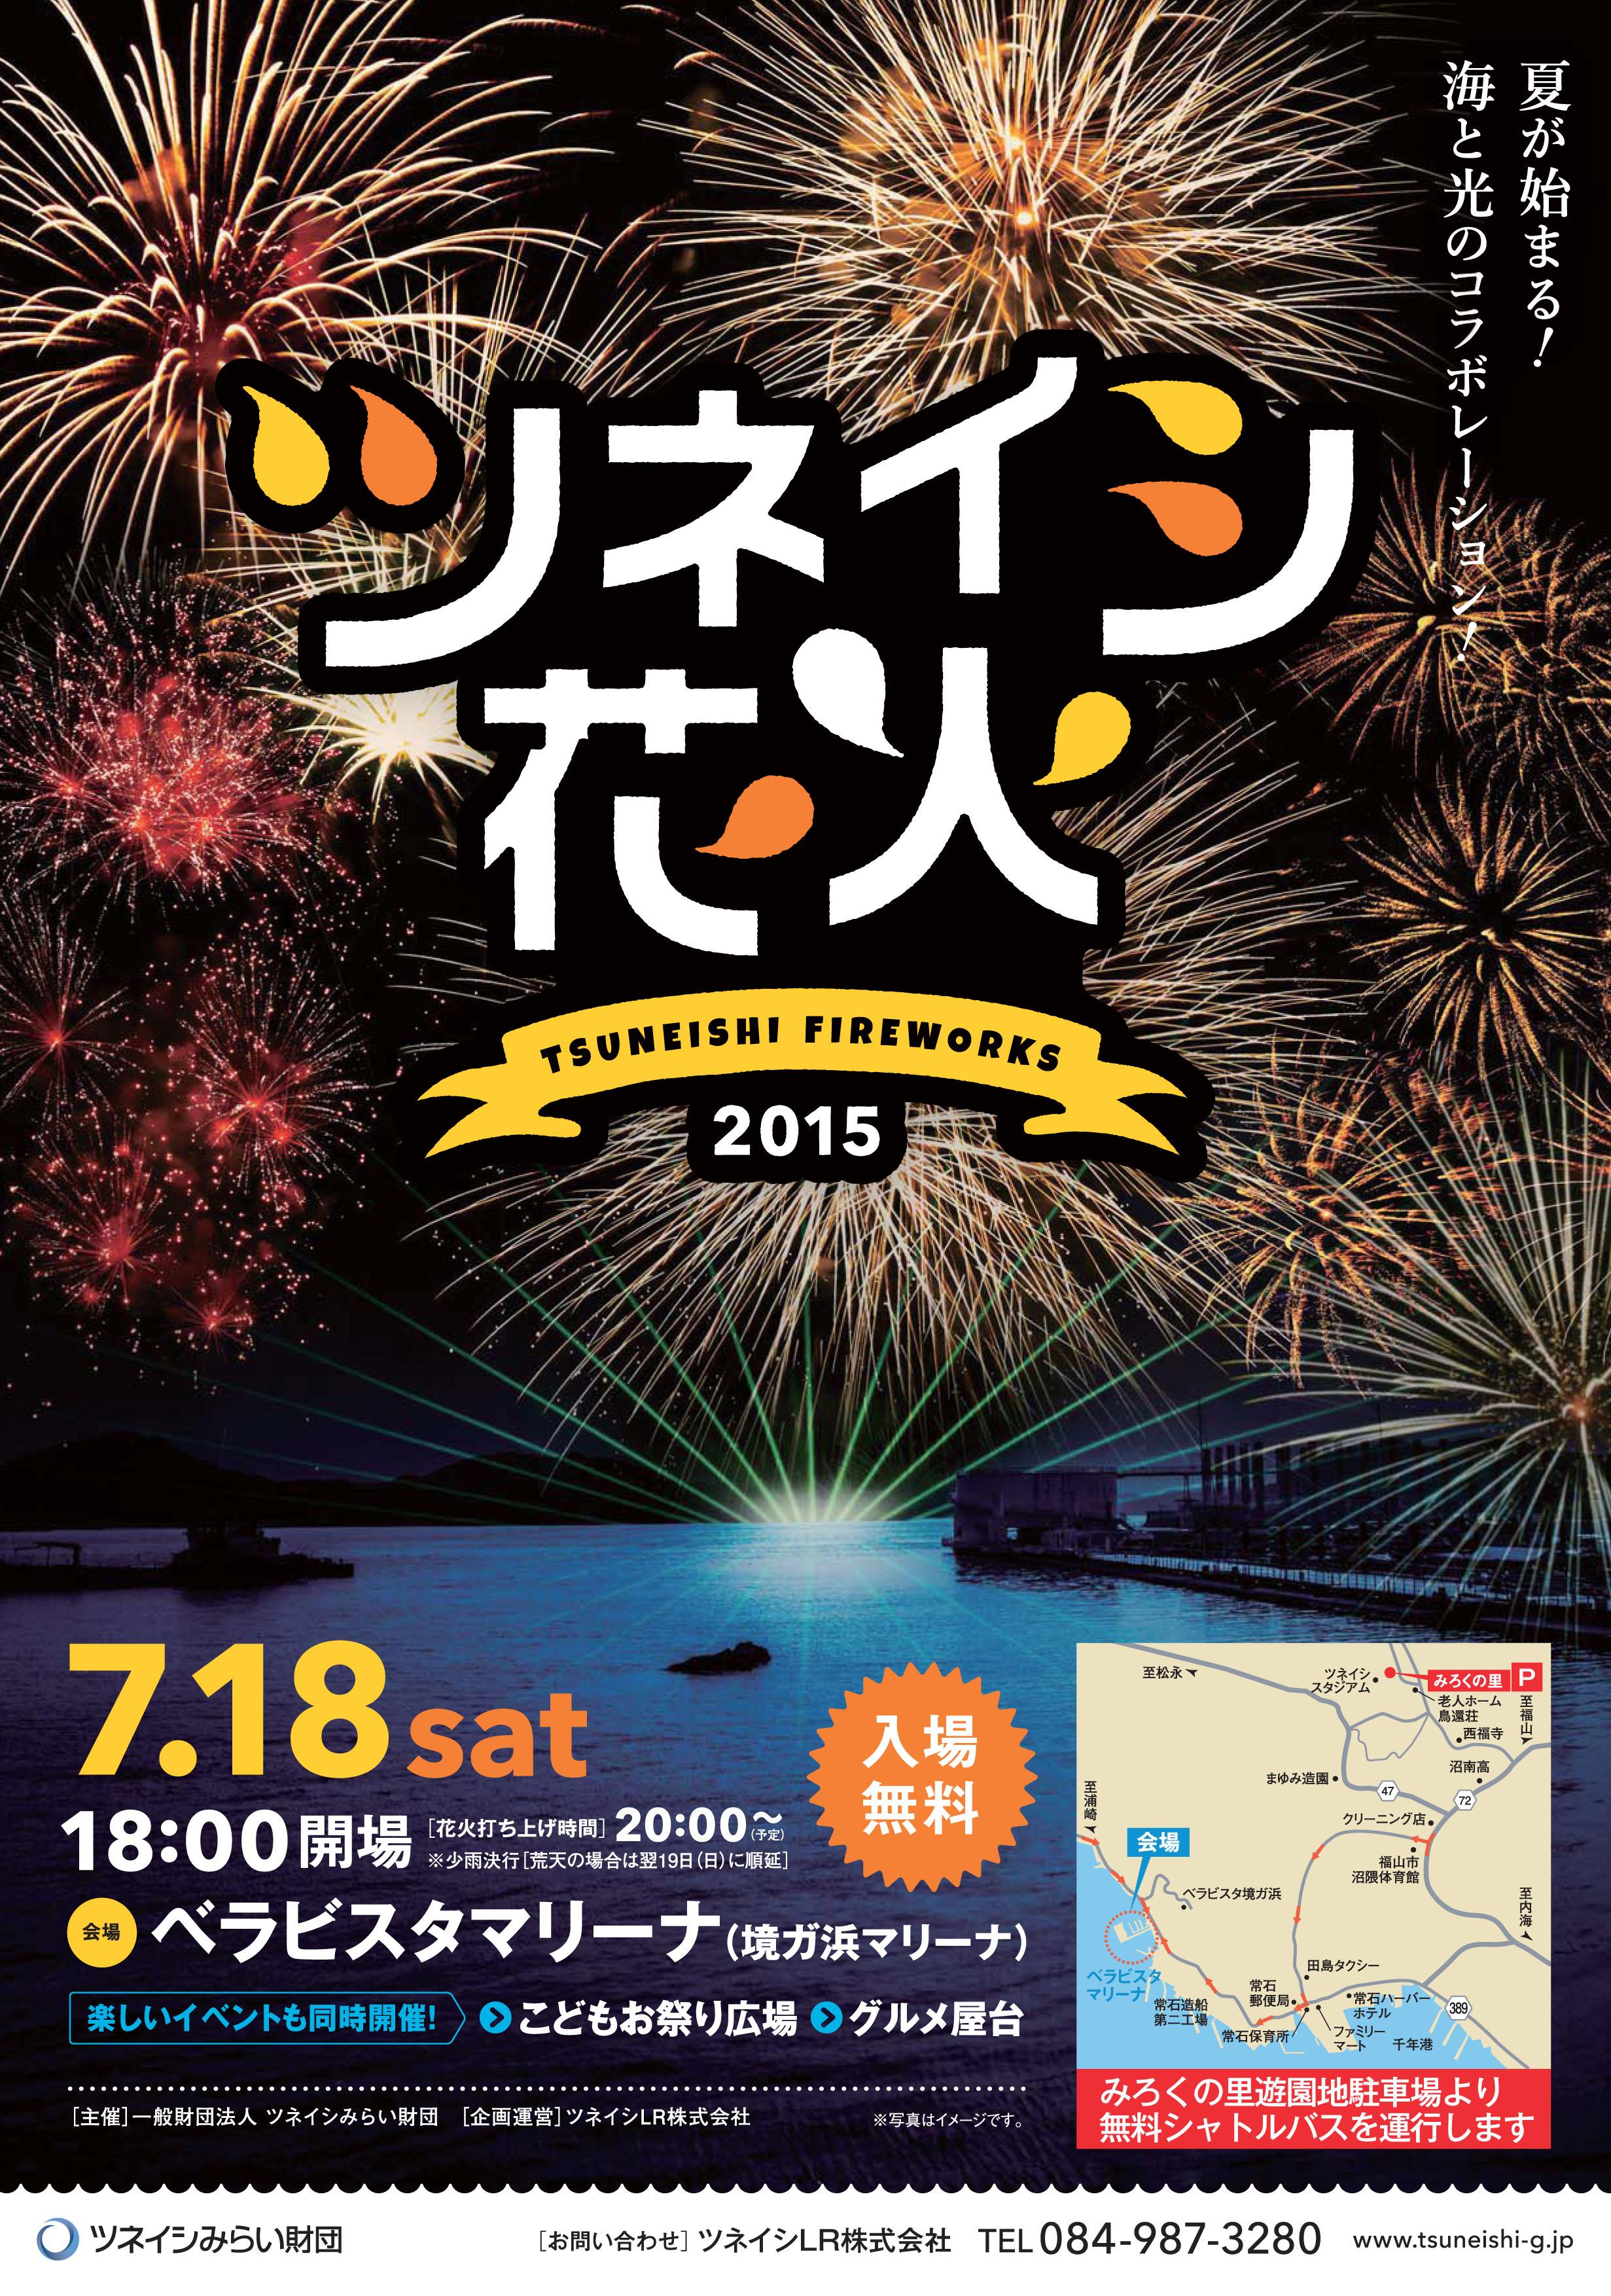 海の日イベント夏の海を彩る「ツネイシ花火」開催決定~ツネイシみらい財団